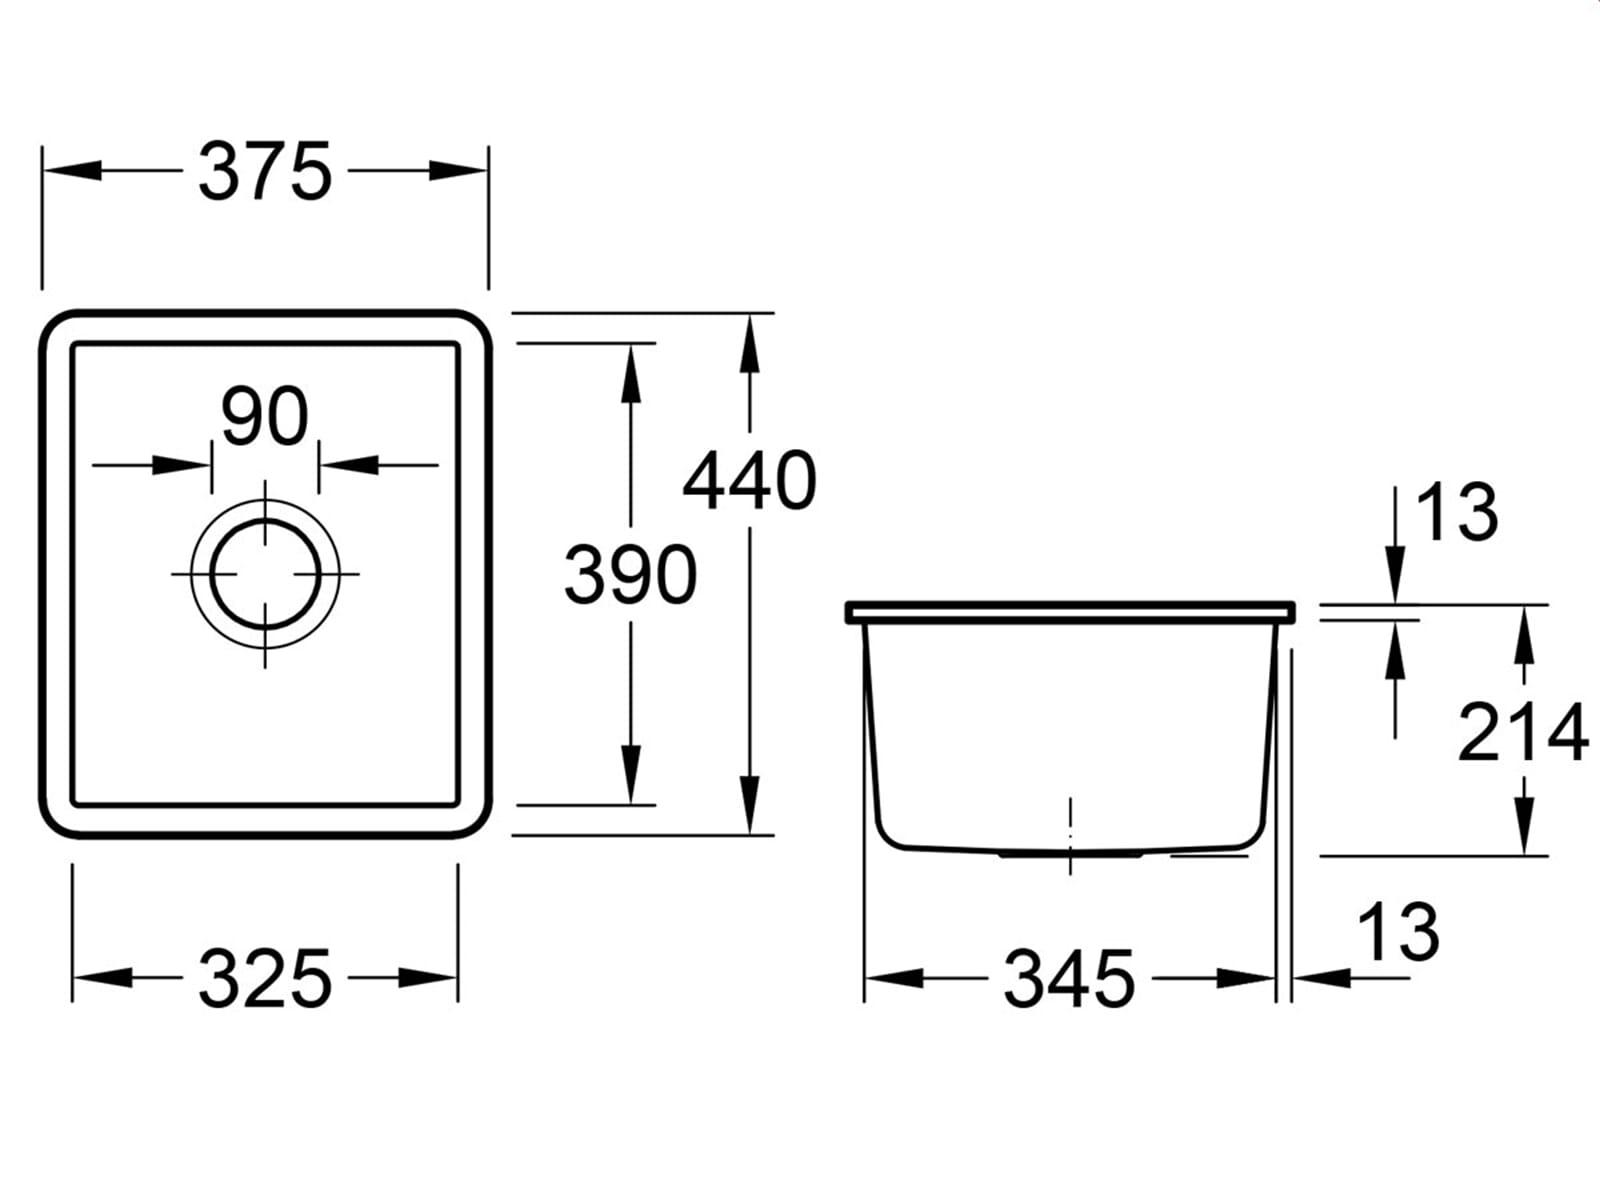 Villeroy & Boch Subway 45 SU - 3324 01 SL Stone Keramikspüle Handbetätigung